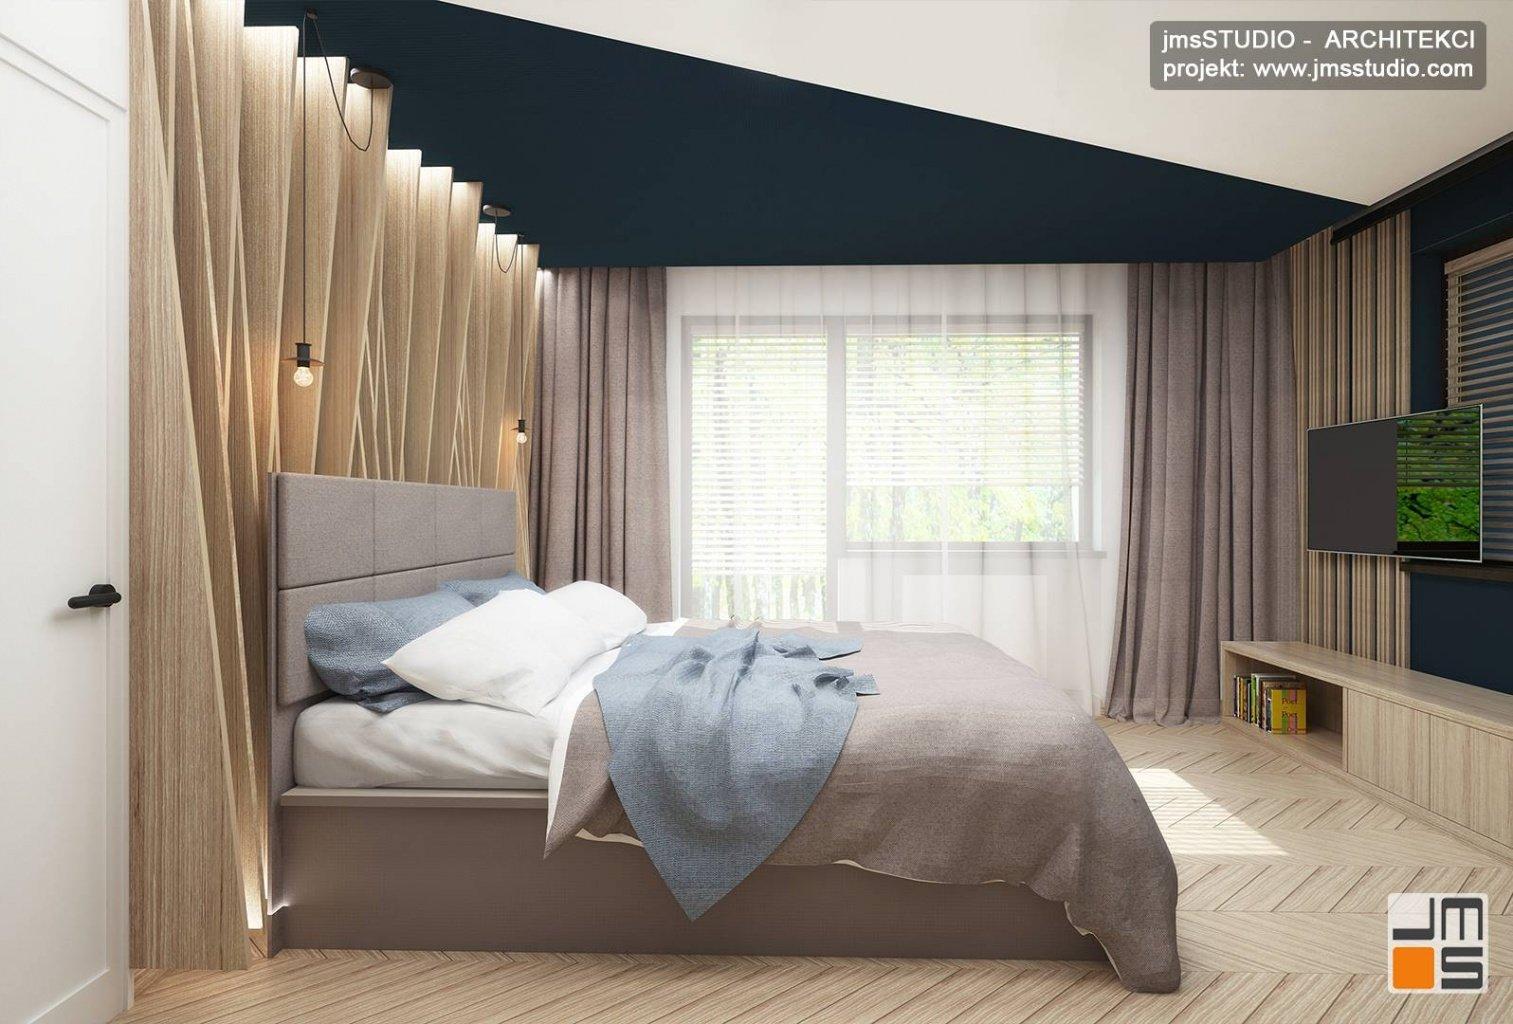 duże łóżko i drewniane żaluzje na ścianie to pomysł na dekoracja ścian w sypialni projekt Katowice